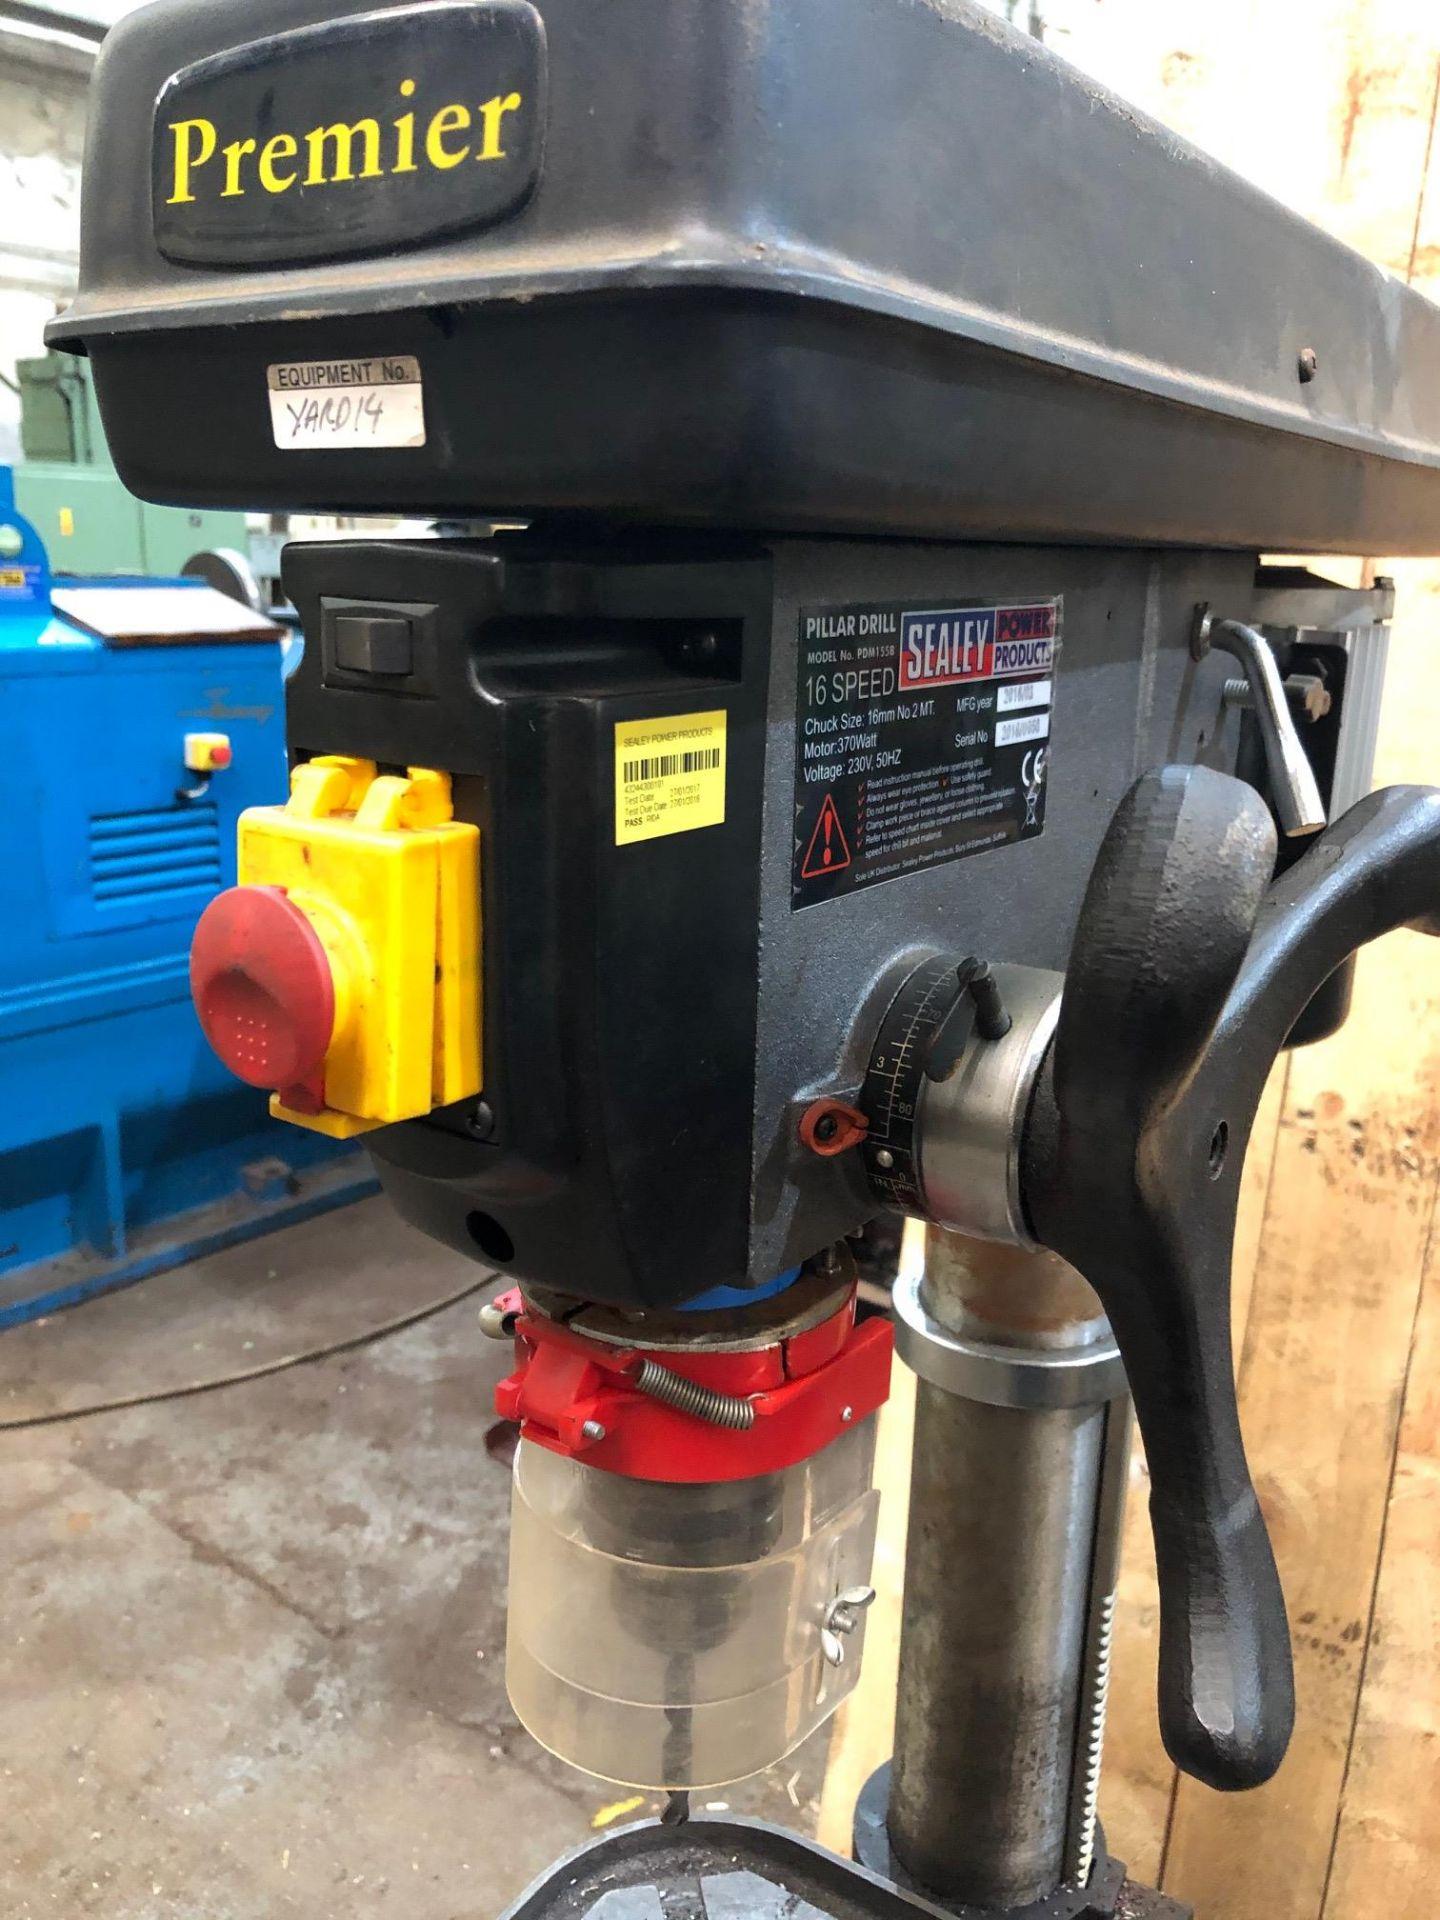 Lot 33 - Sealey PDM 155B Pillar Drill